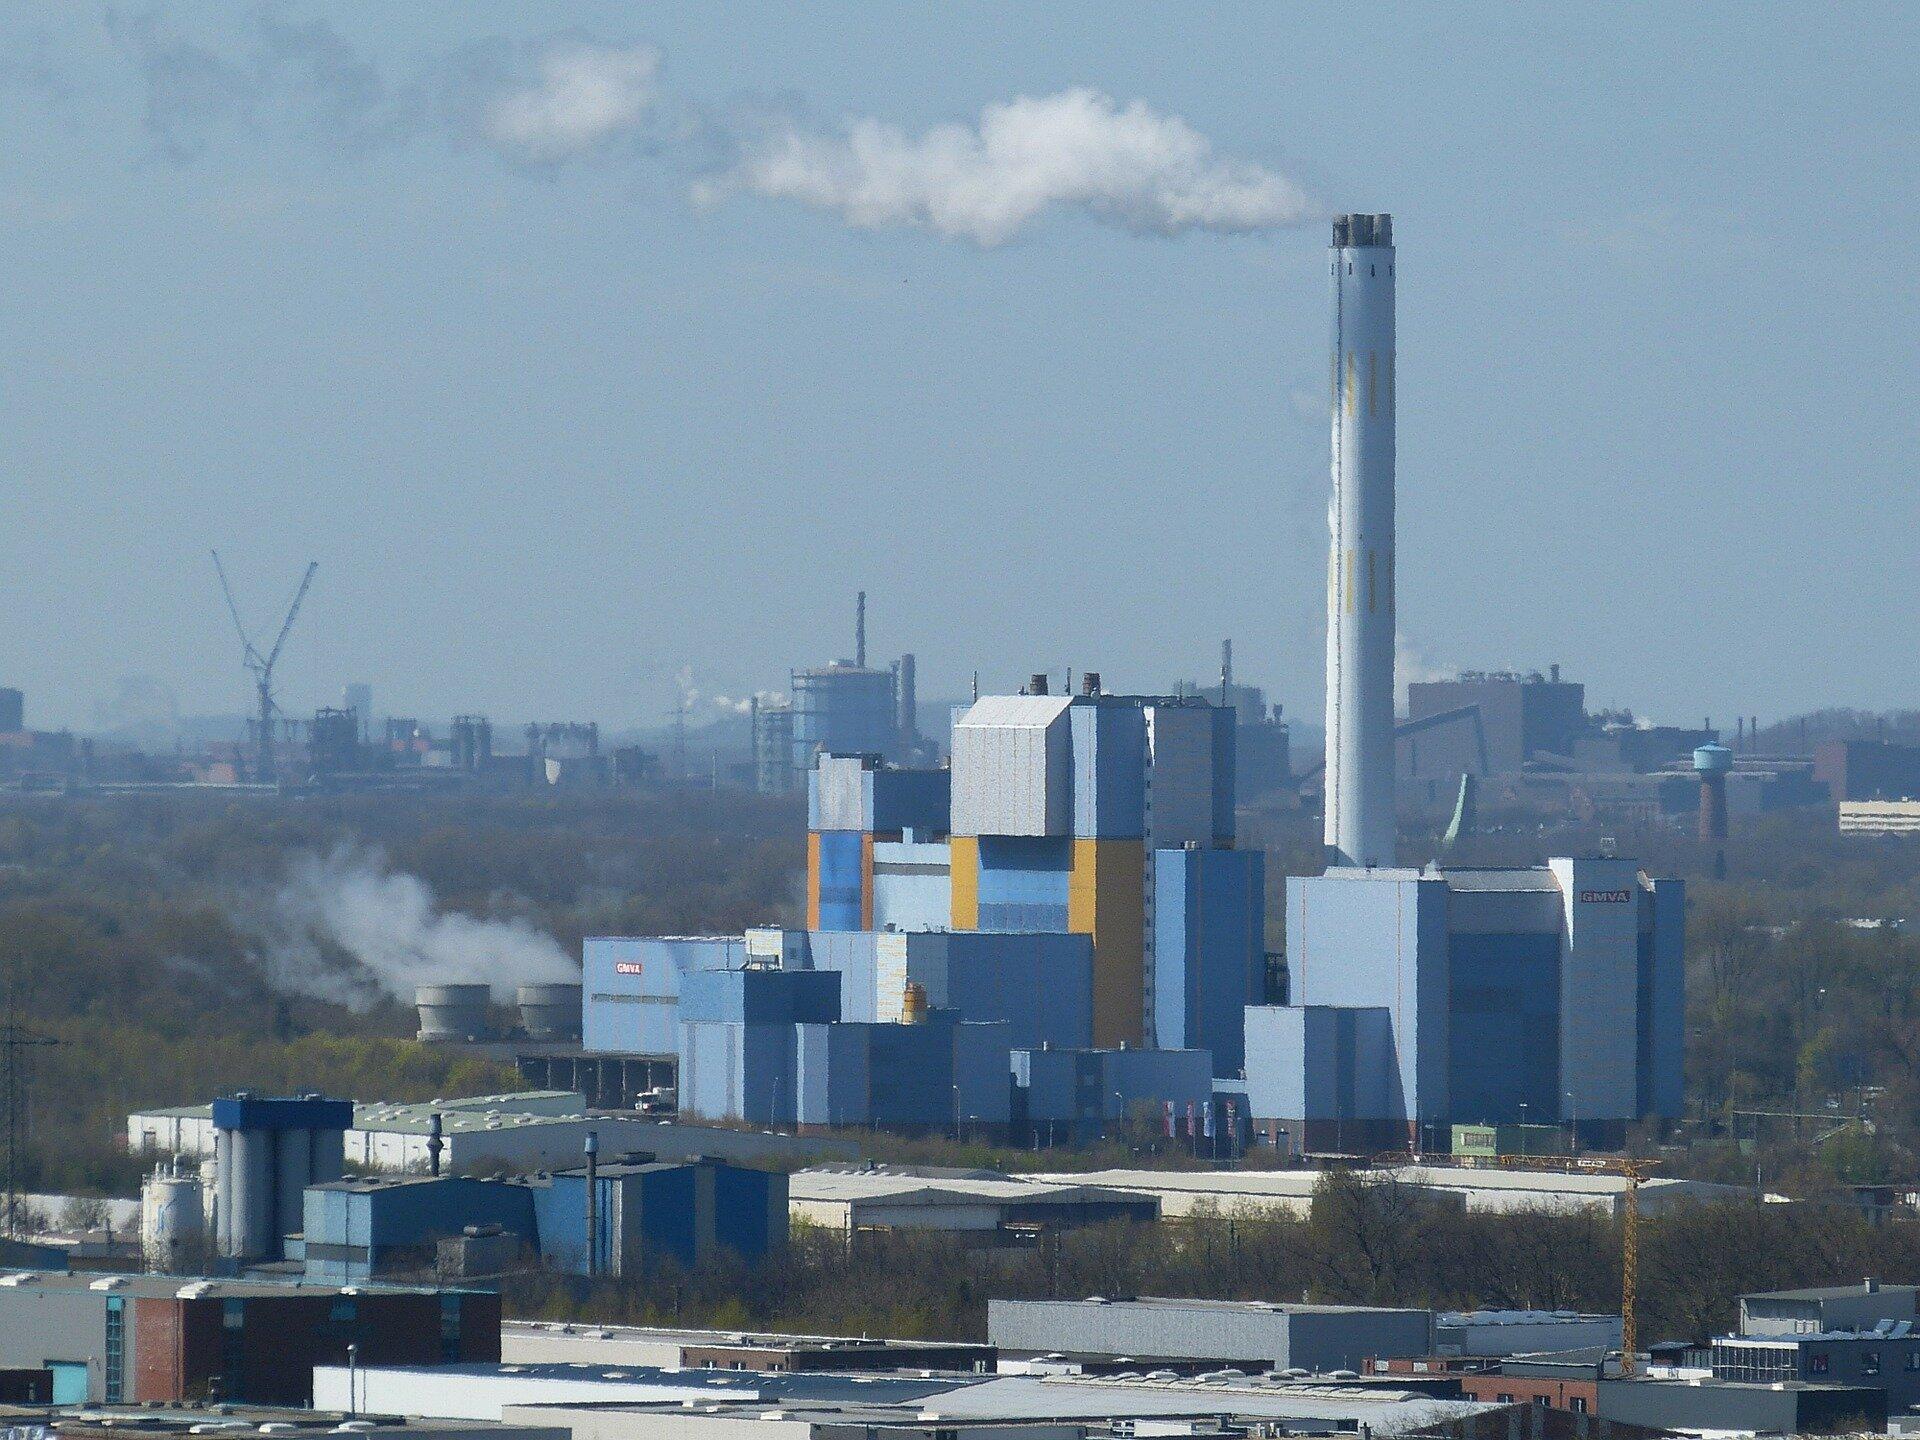 Zdjęcie przedstawia zakład spalania odpadów widoczny zwiększej odległości. Kompleks składa się zkilkunastu pudełkowatych budynków wróżnych kolorach zwidocznym po lewej stronie wysokim kominem zktórego unosi się niewielka ilość białego dymu. Zakład otoczony jest drzewami imagazynami. Daleko wtle na horyzoncie widać duże zagęszczenie zakładów przemysłowych.